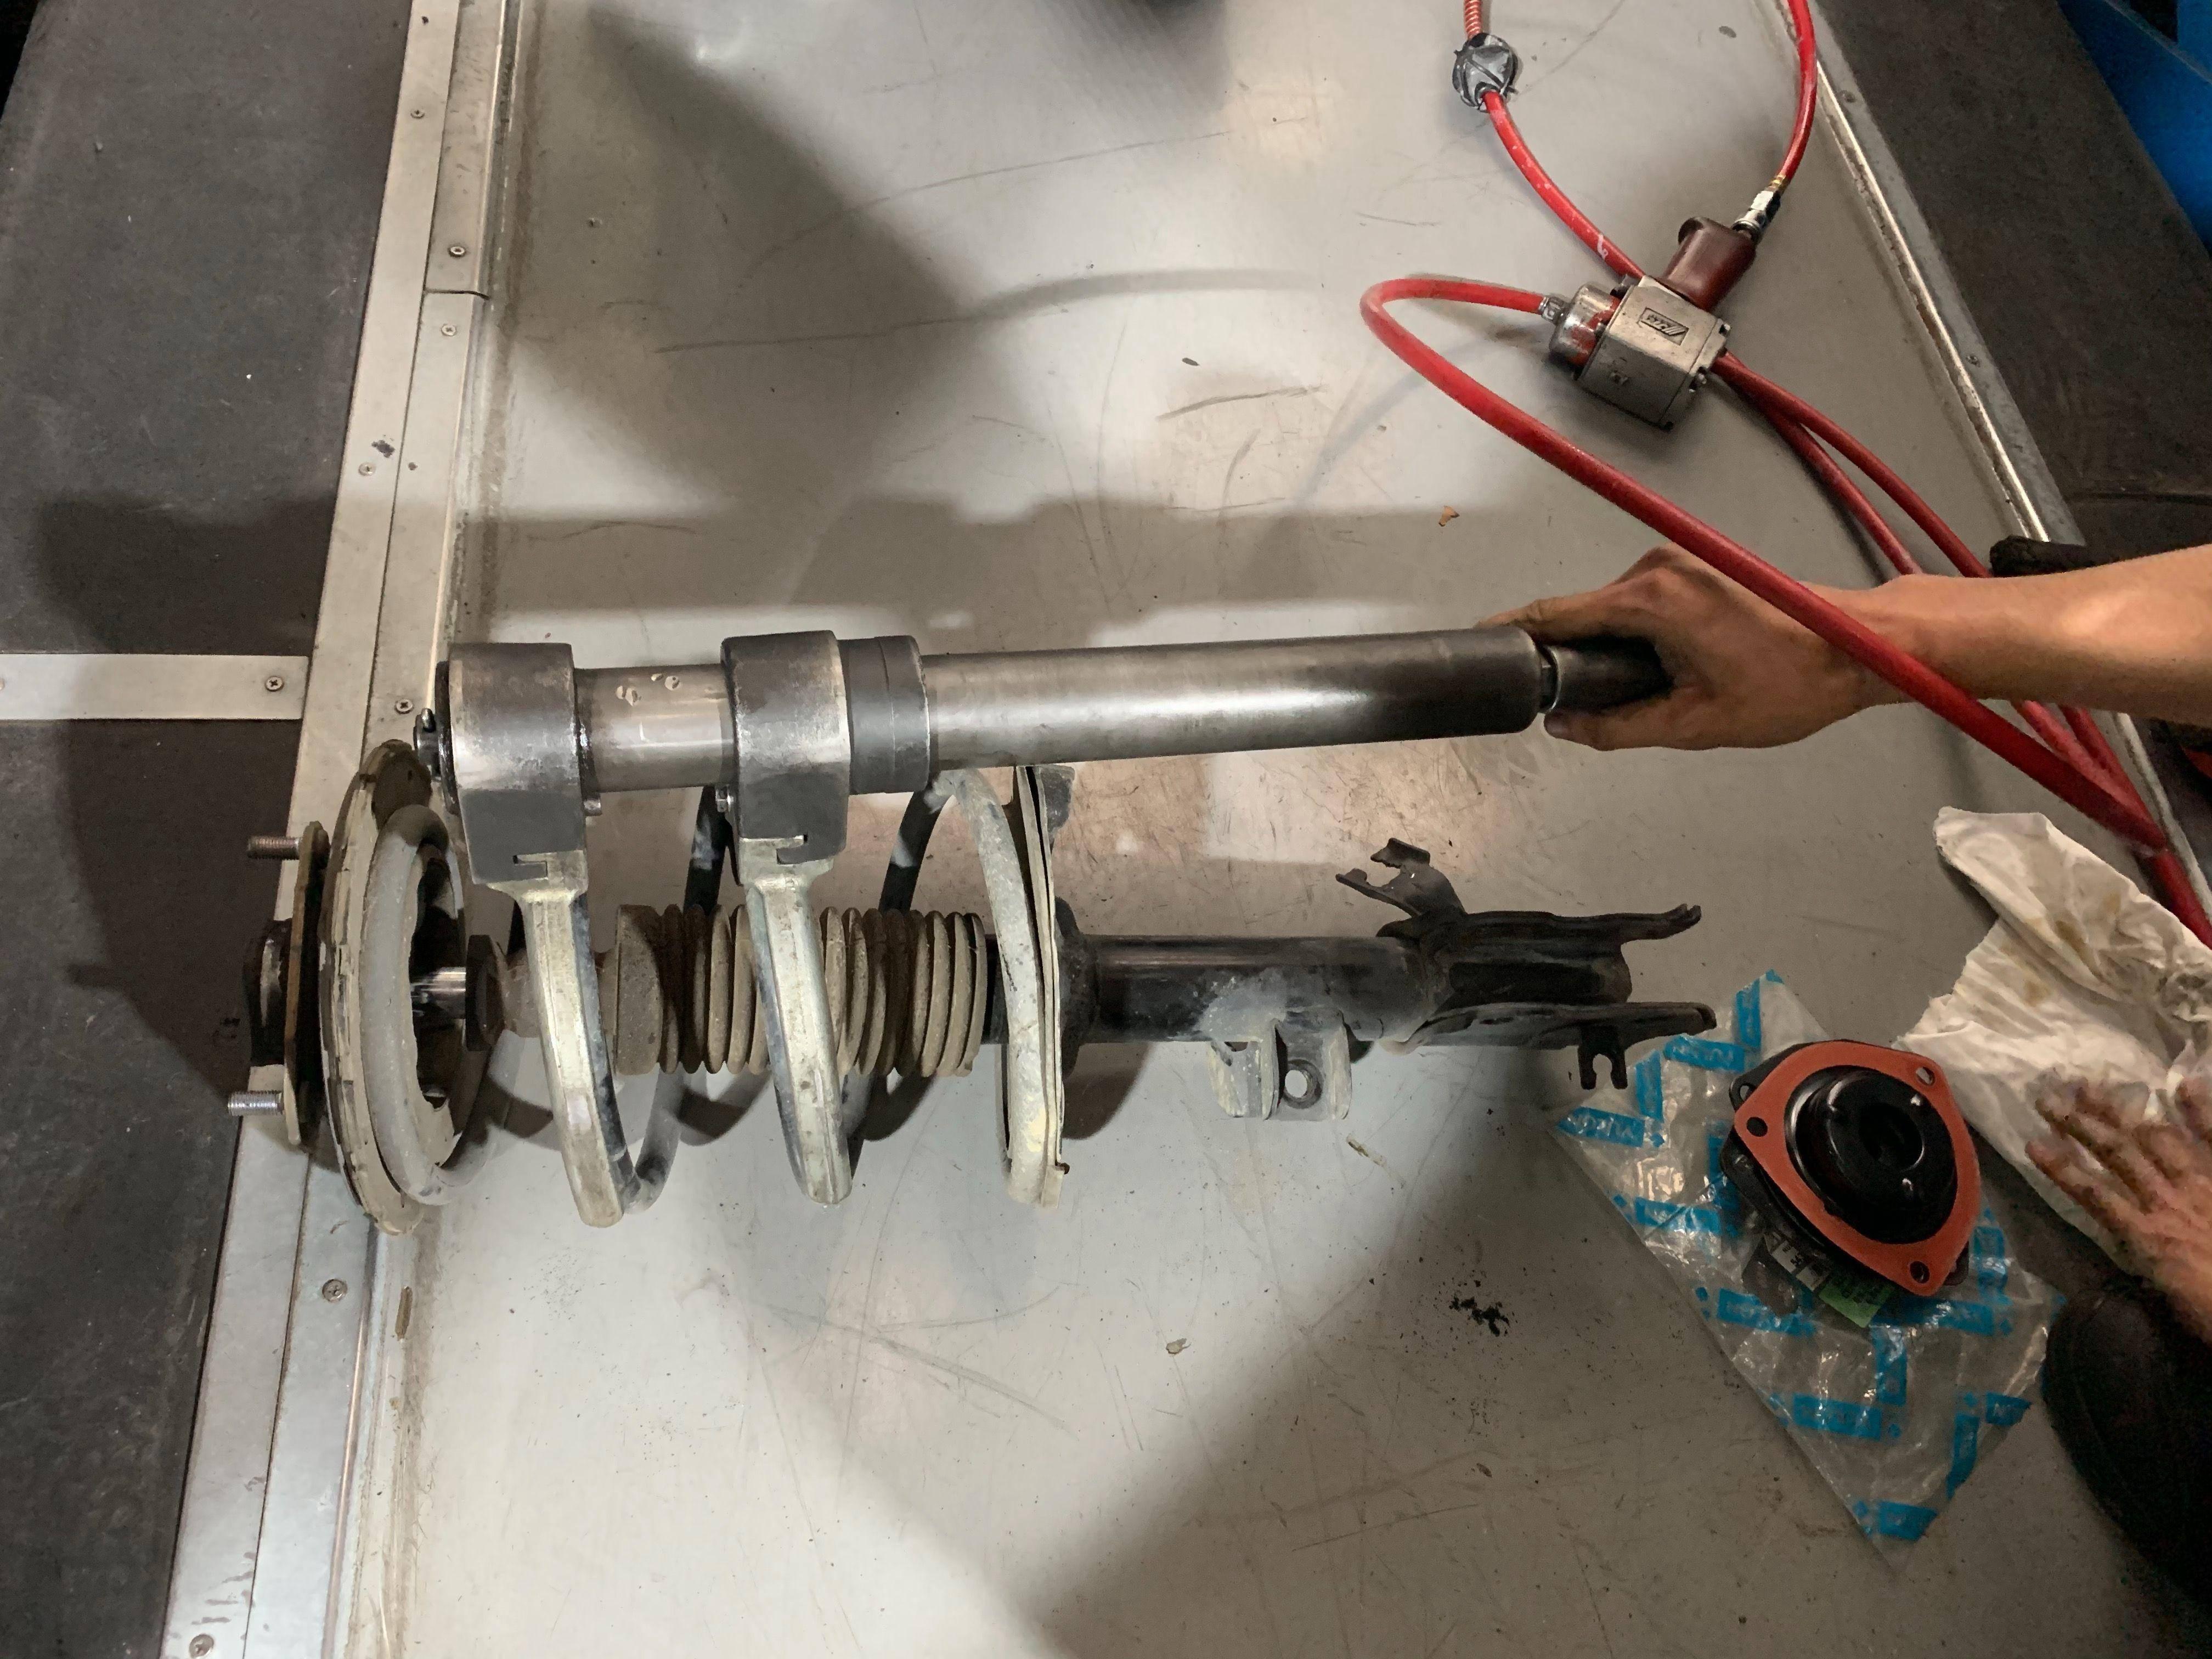 【振傑汽車】無限/INFINITI FX35 底盤異音#避震器上座#避震器維修#避震器漏油#防塵套